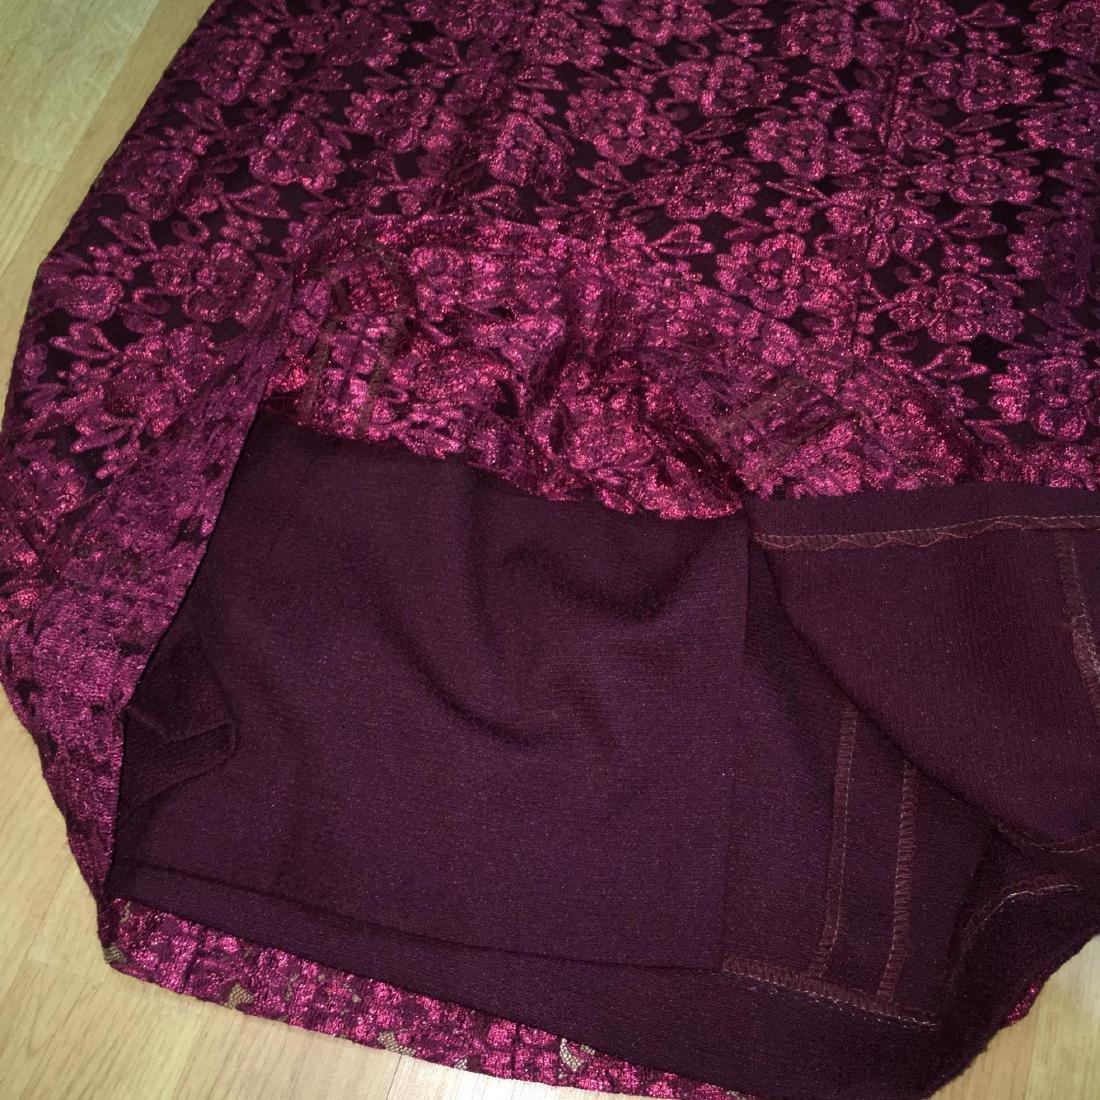 Vintage Women's Evening Coctail Dress - 5